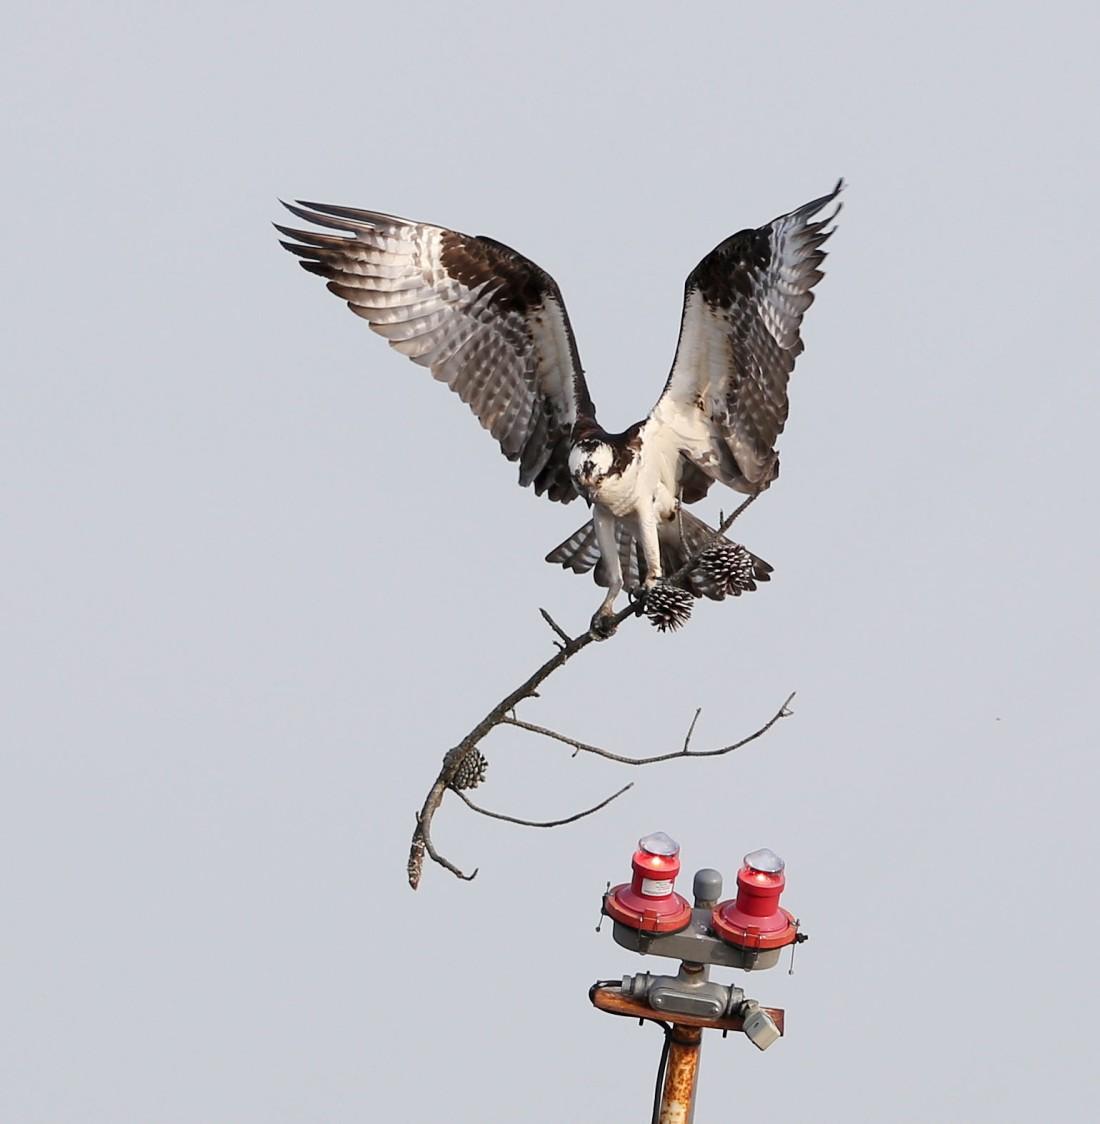 Osprey delivering nesting material